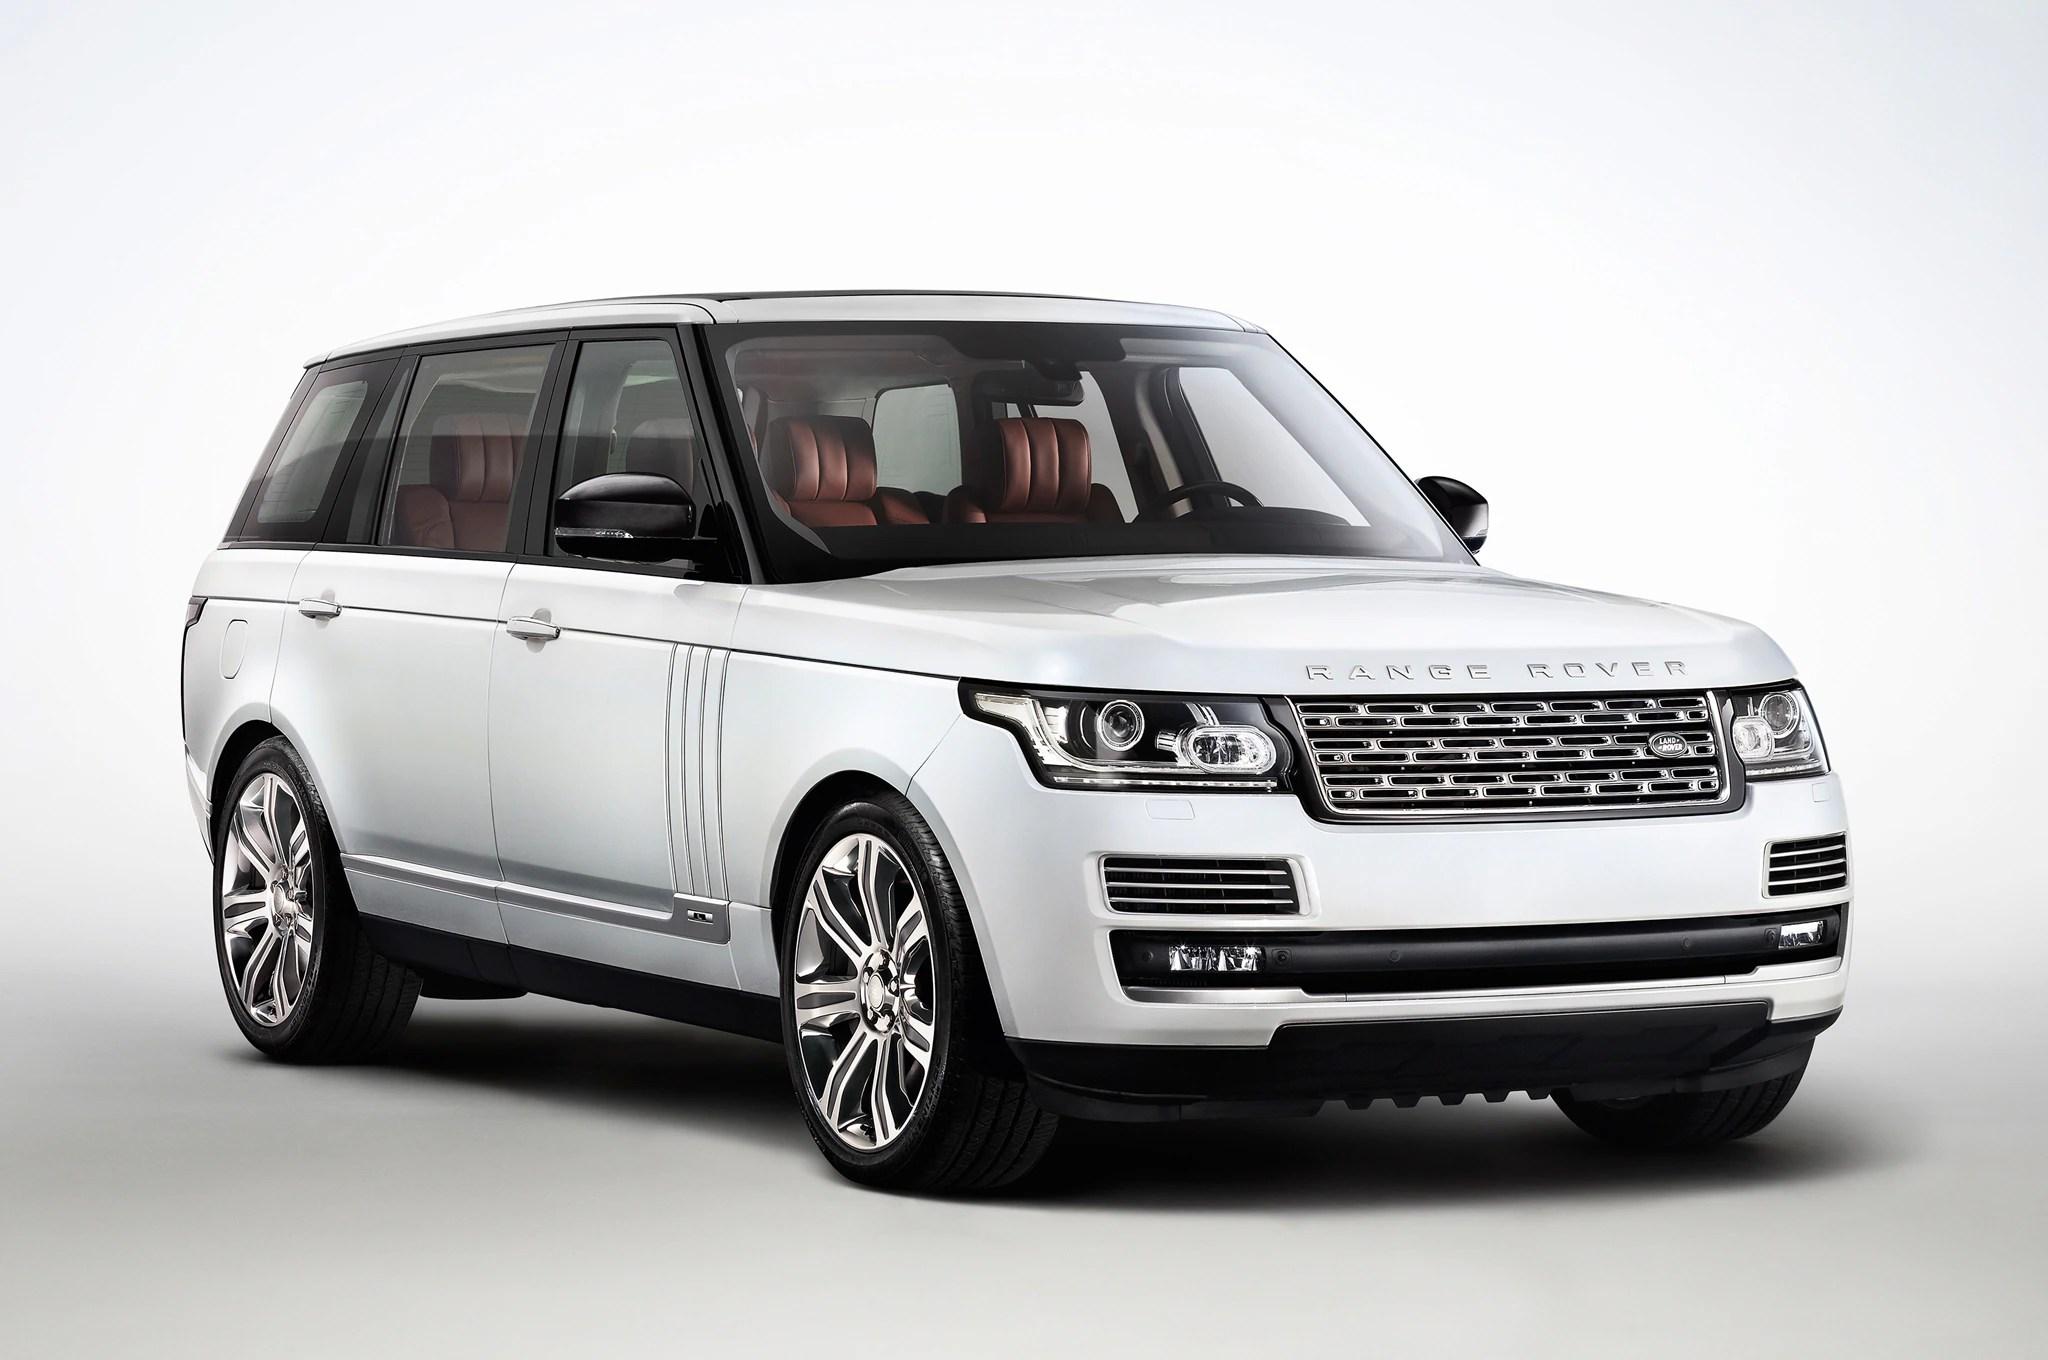 Glimpse Inside the 2014 Range Rover Sport in New Teaser Video